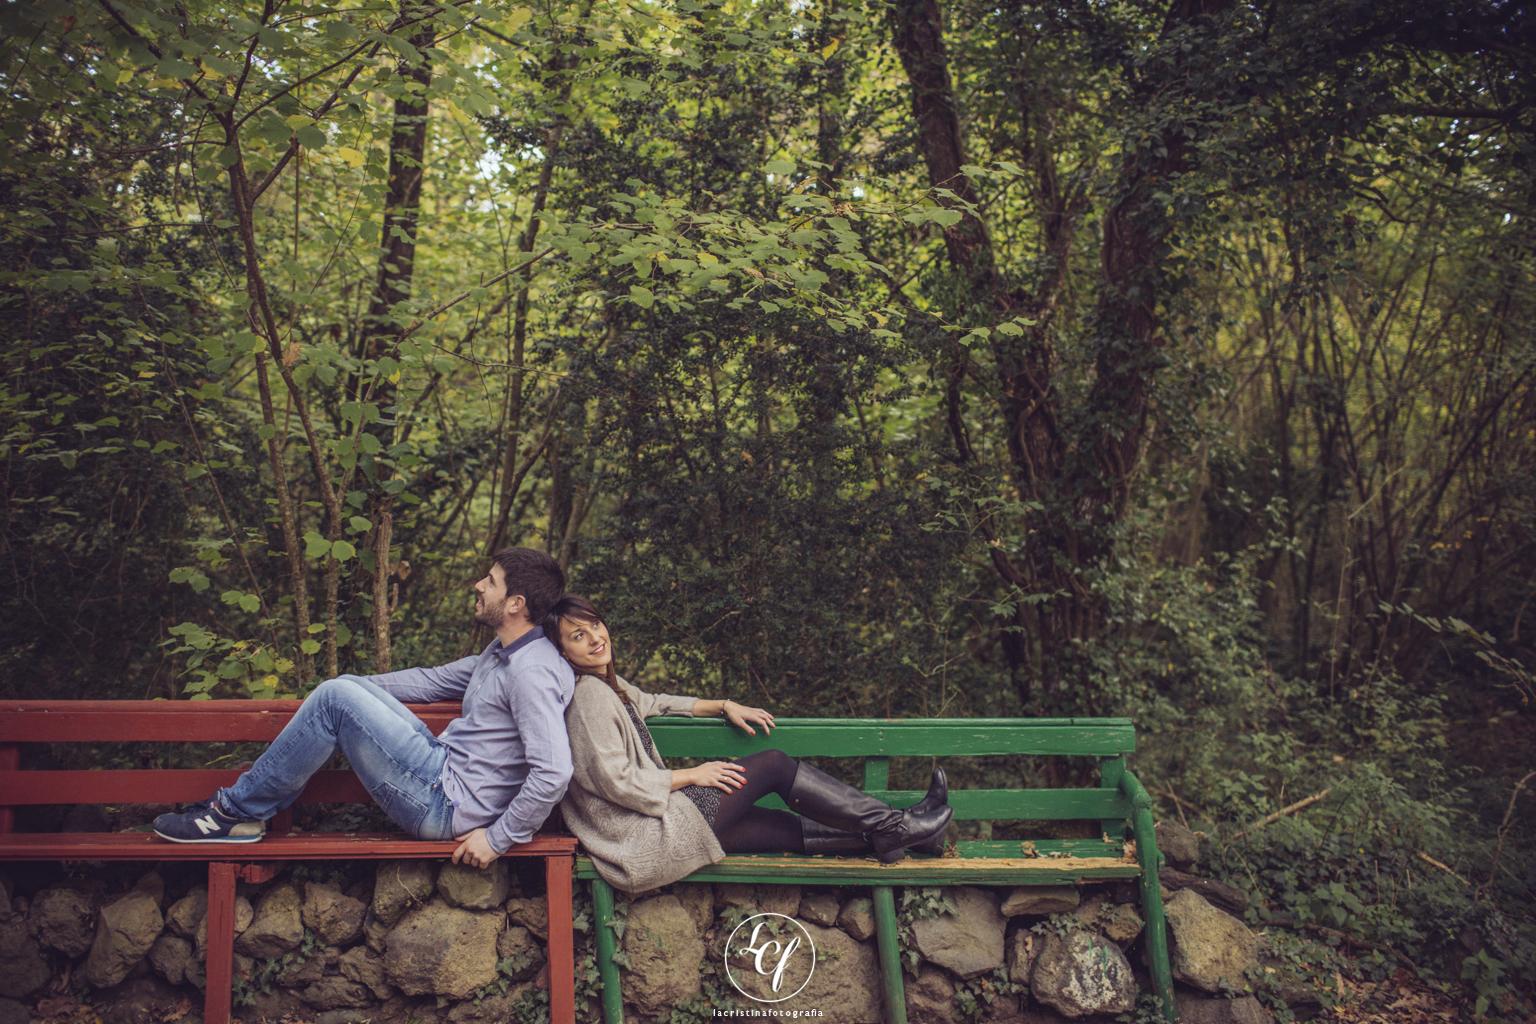 fotógrafo de pareja :: fotografía romántica :: fotógrafo de preboda :: fotógrafo de boda girona :: la fageda d'en jordà